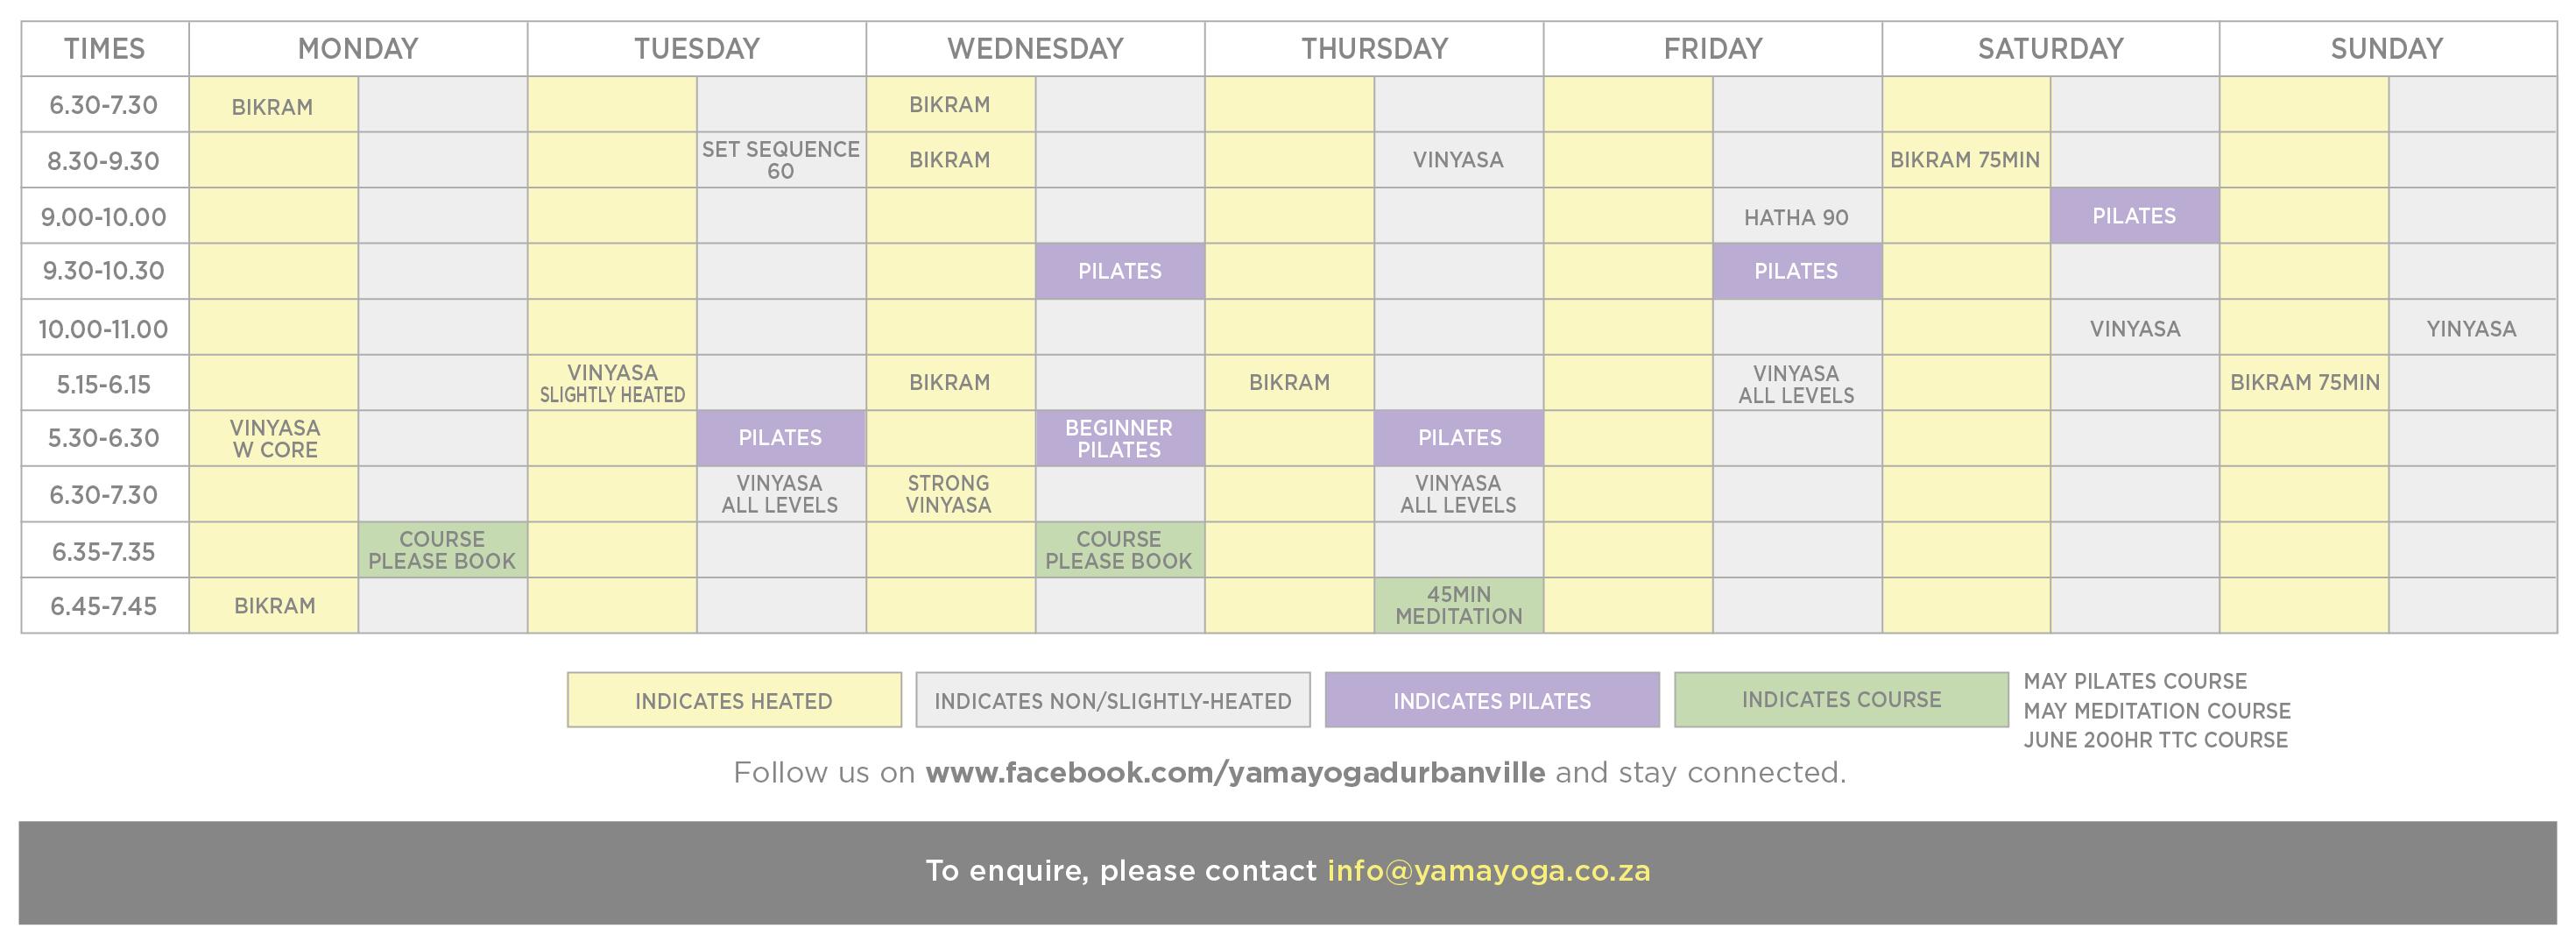 yama-yoga-schedule-web-may-2018